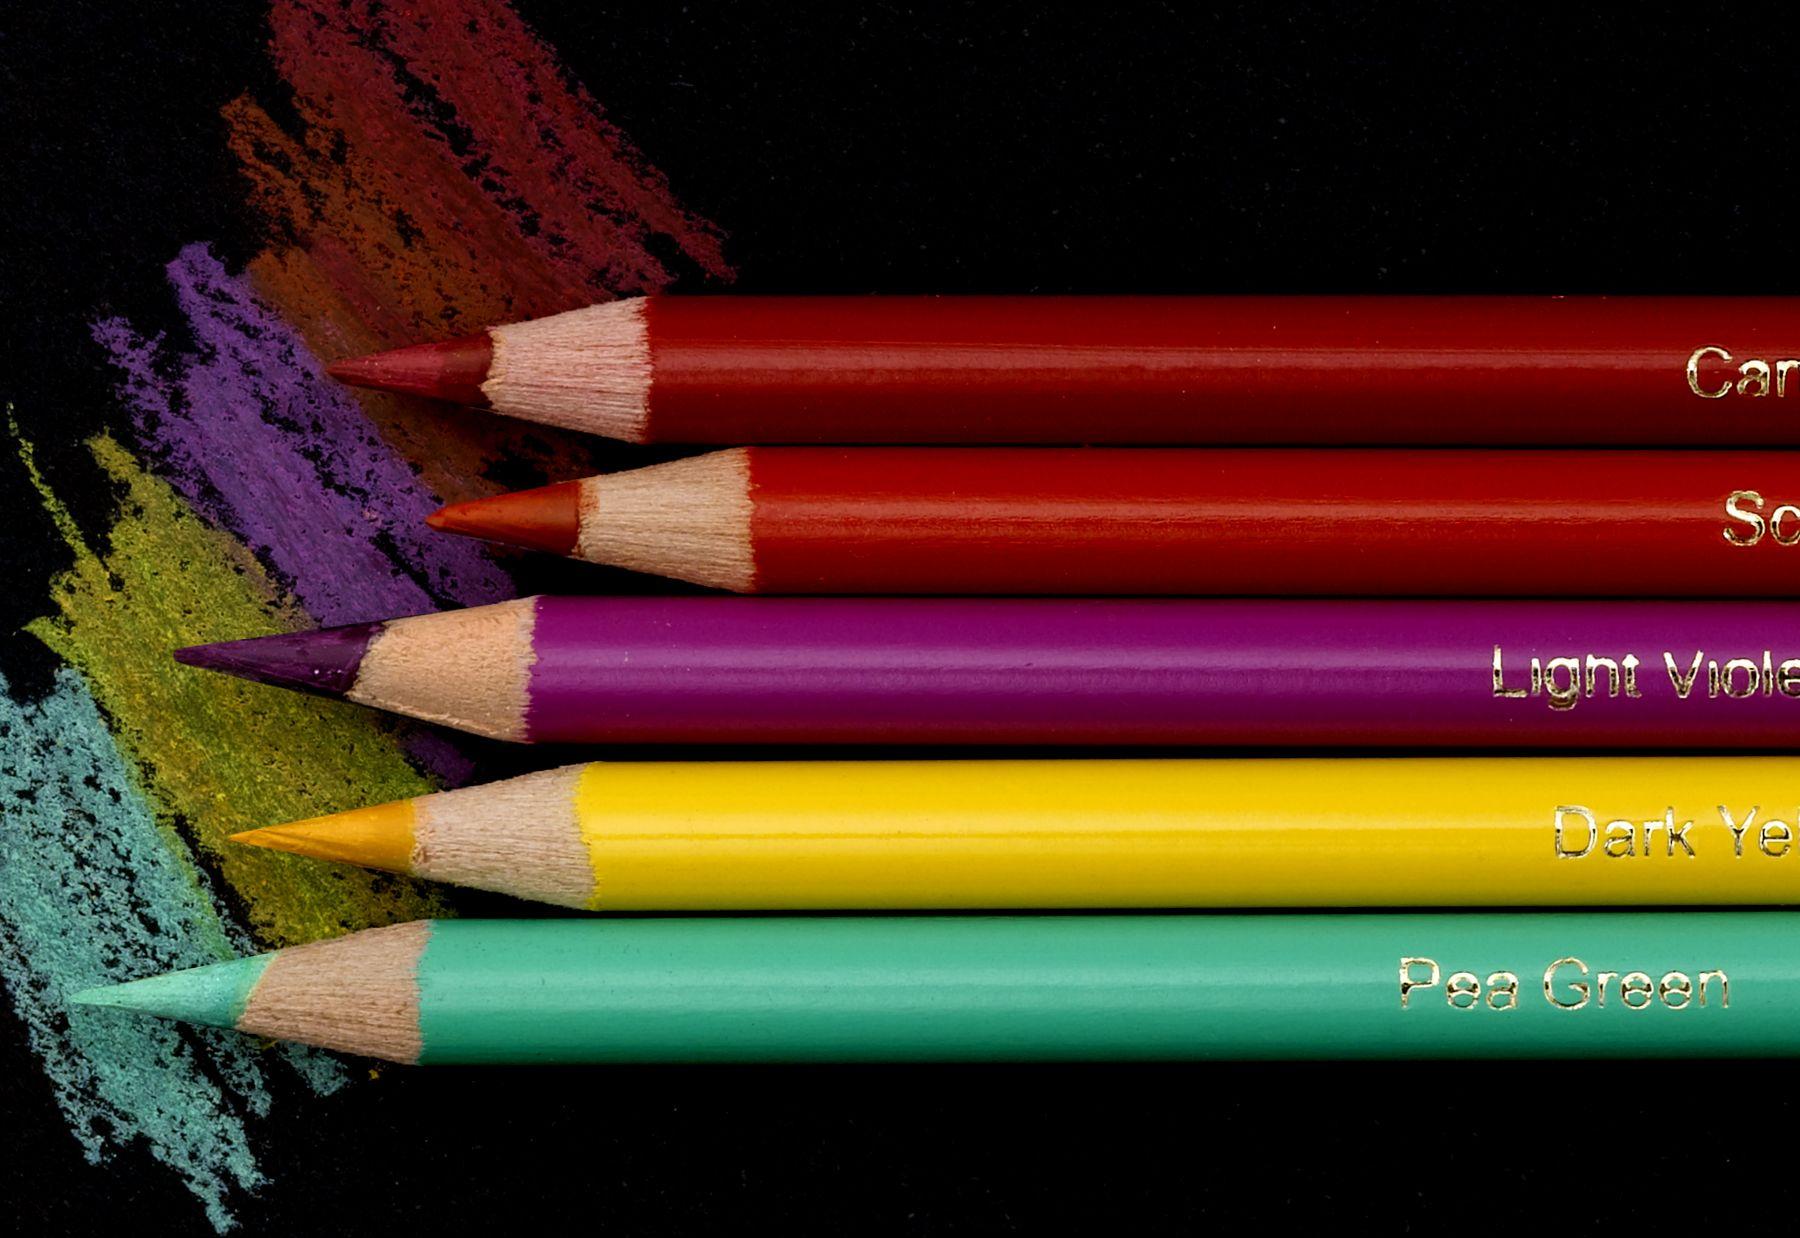 Blick studio artists colored pencils color pencil art